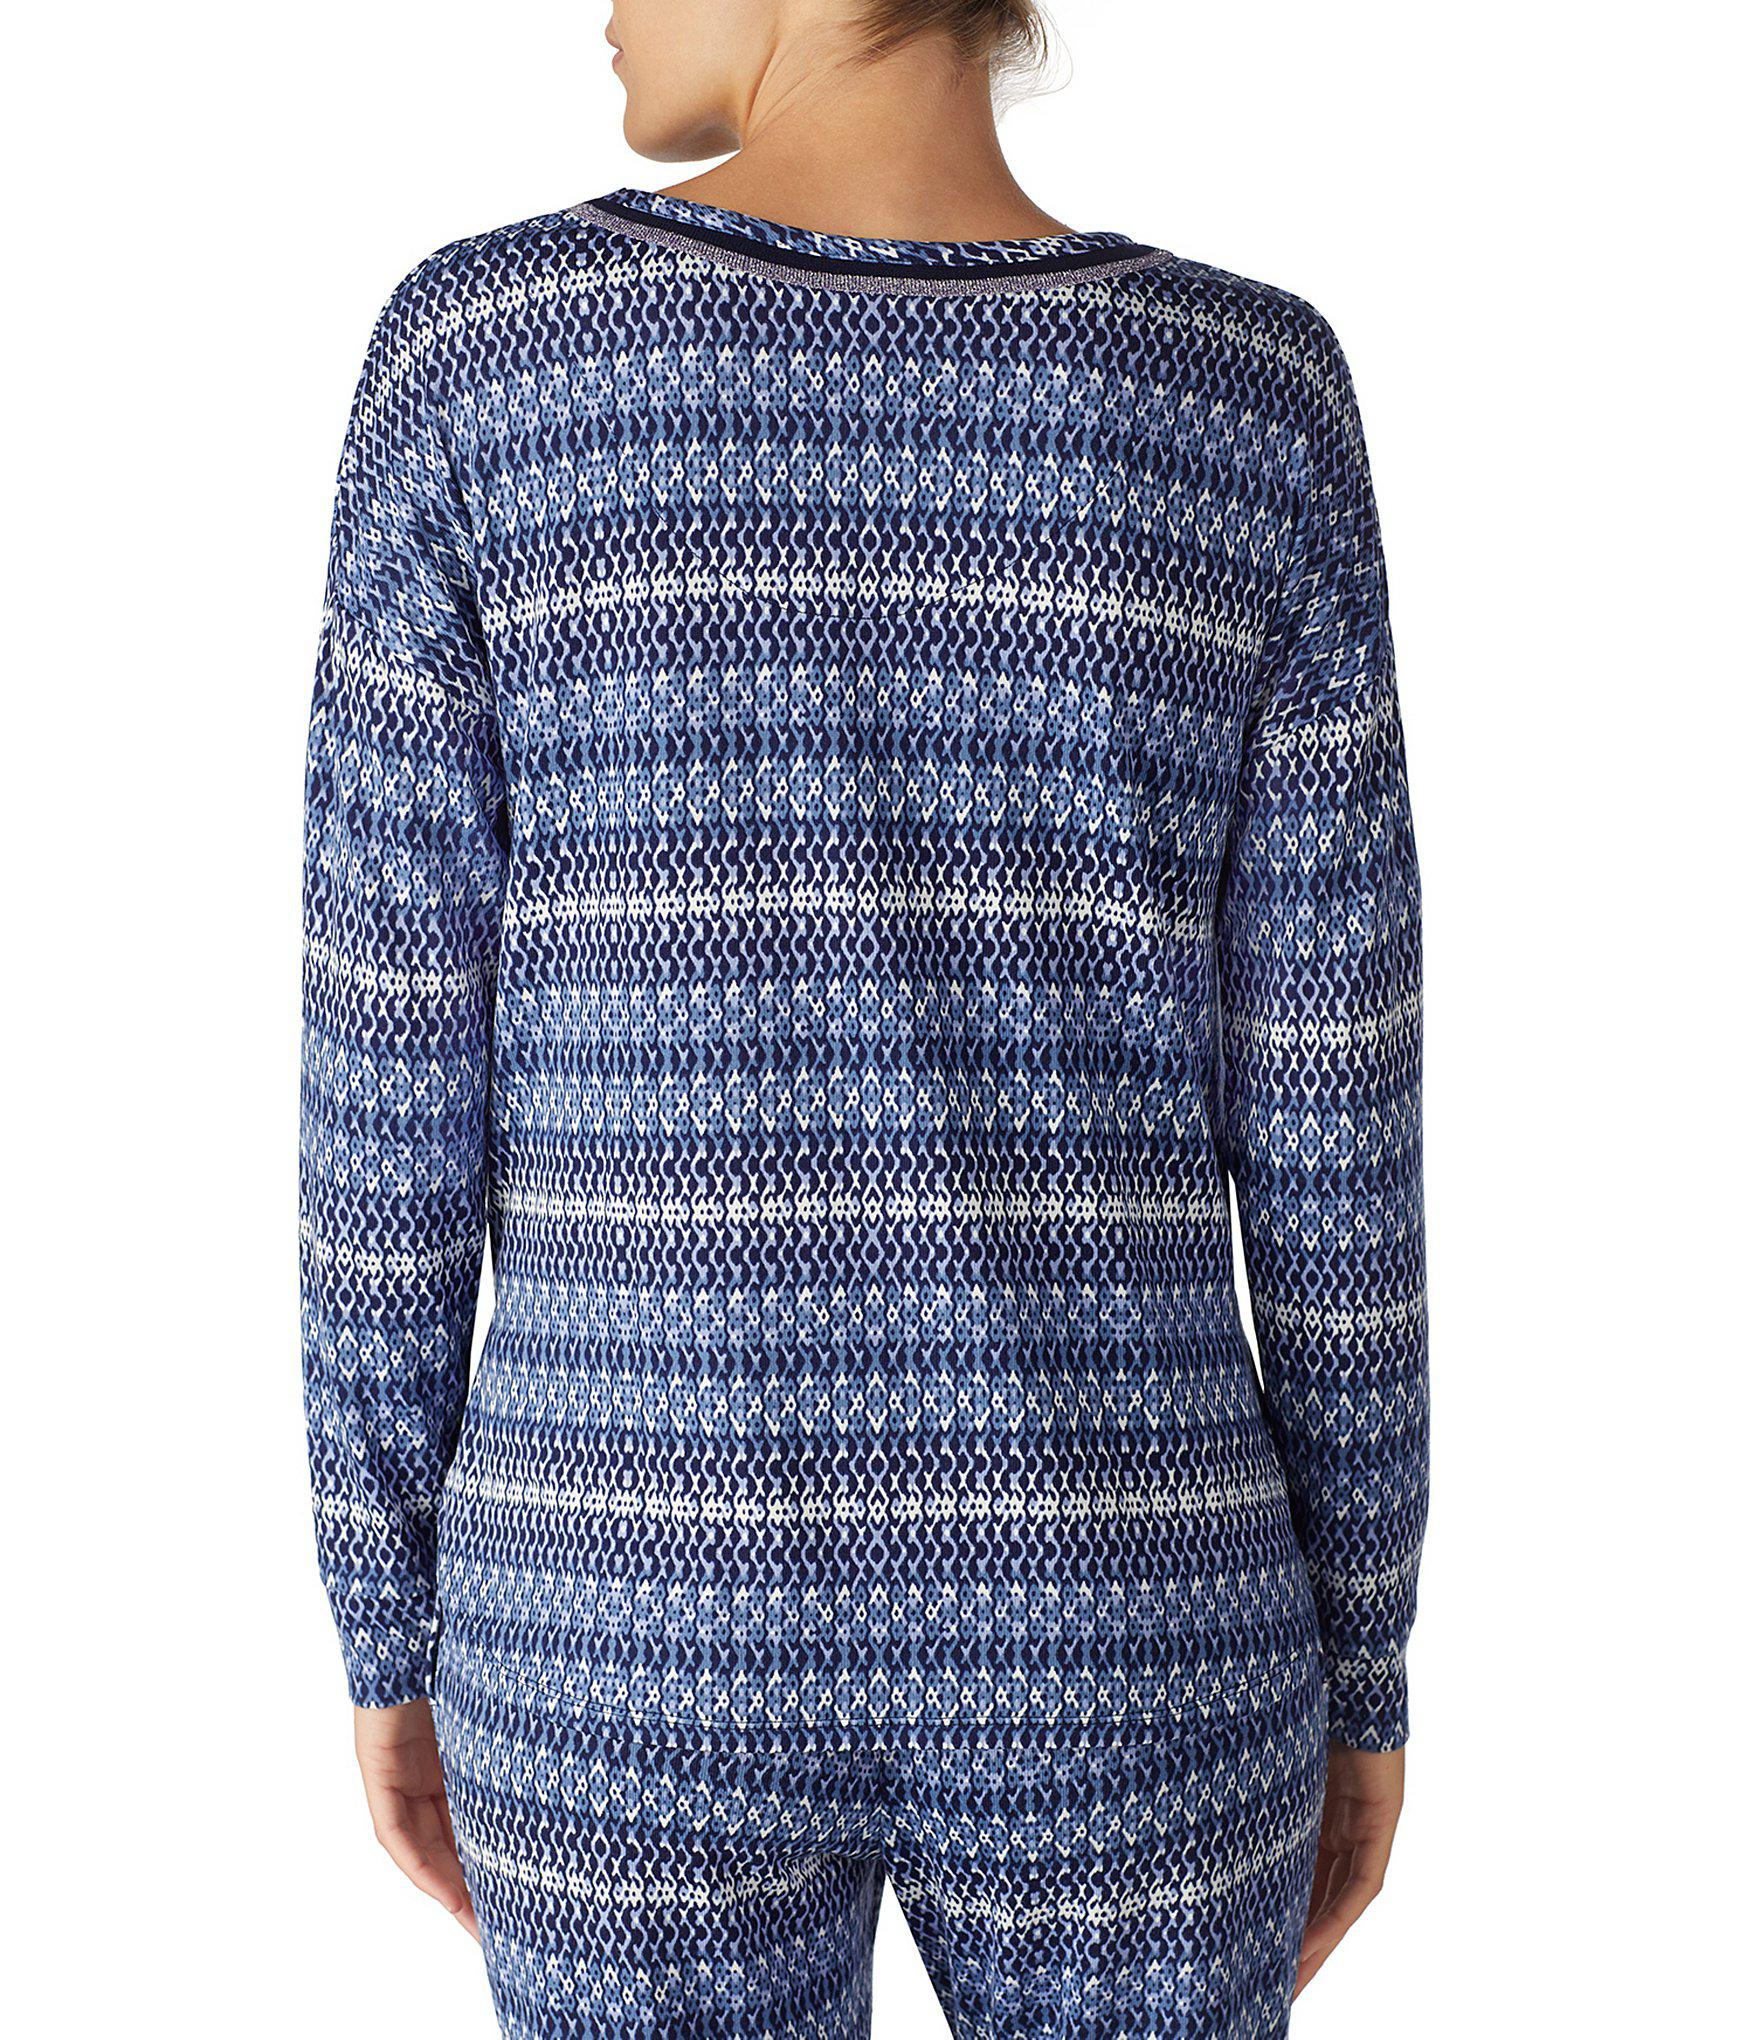 0f28d59ee2 Lyst - Kensie Ombre Stripe Print Jersey Knit Sleep Top in Blue